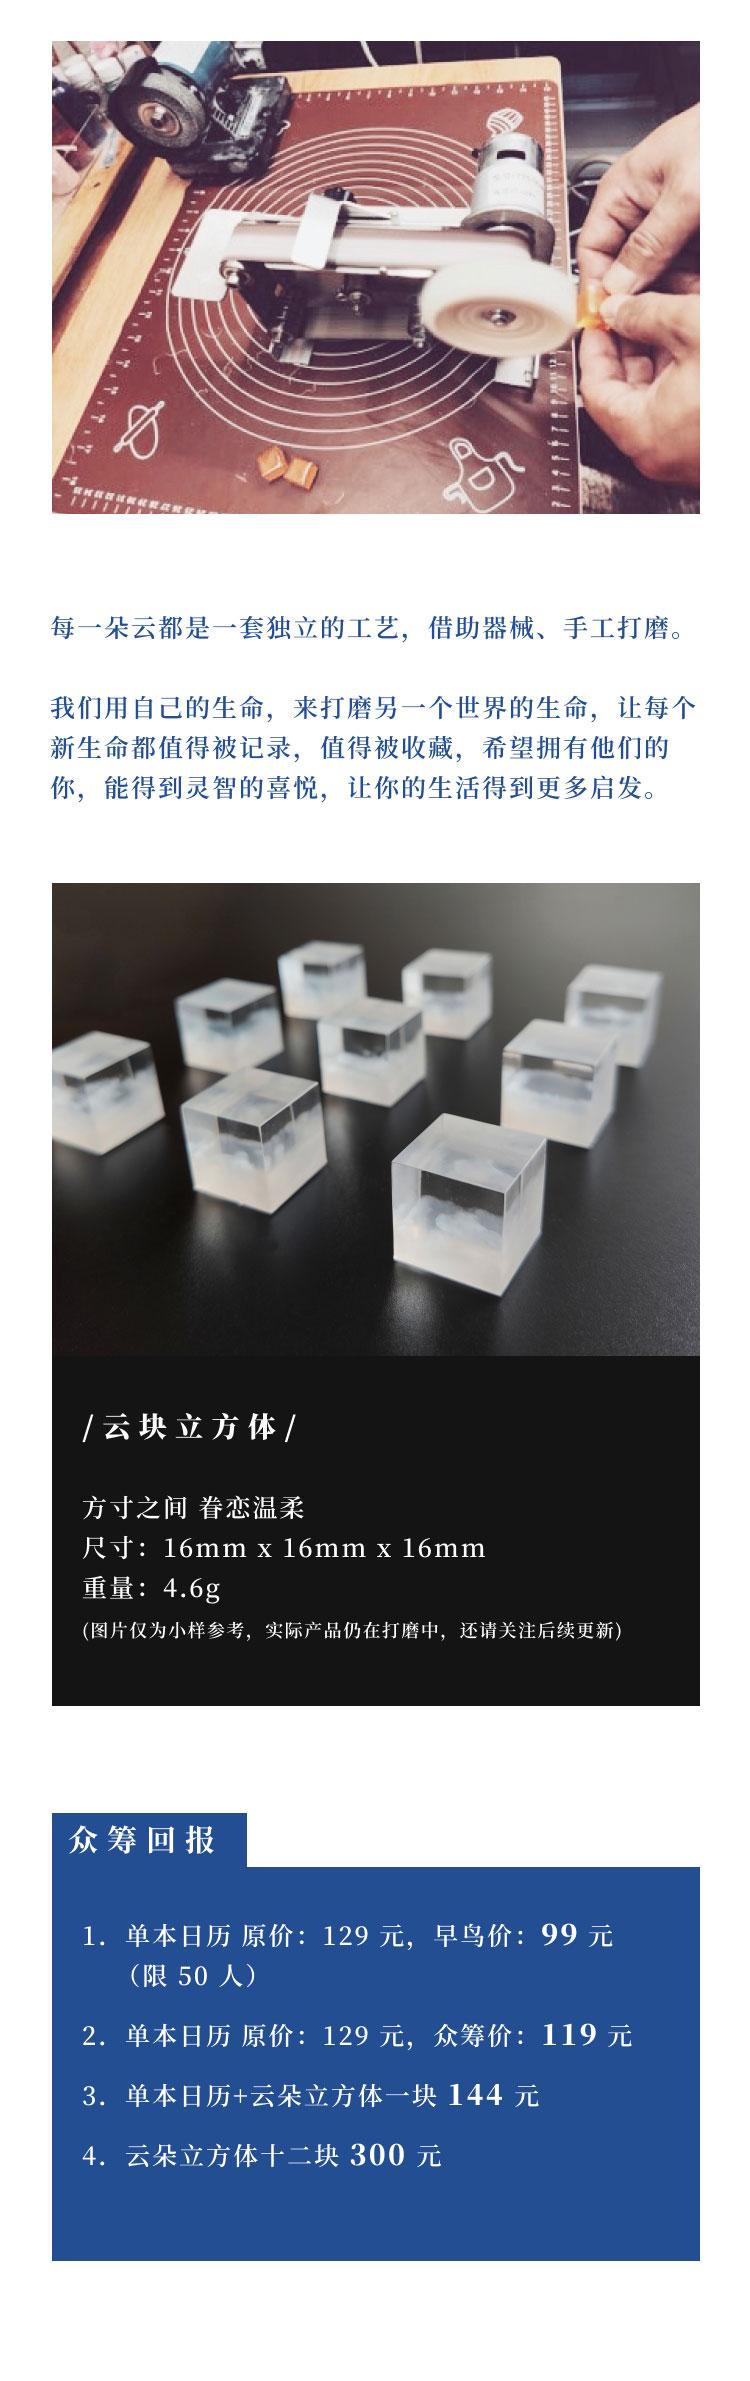 预售长图_09.jpg